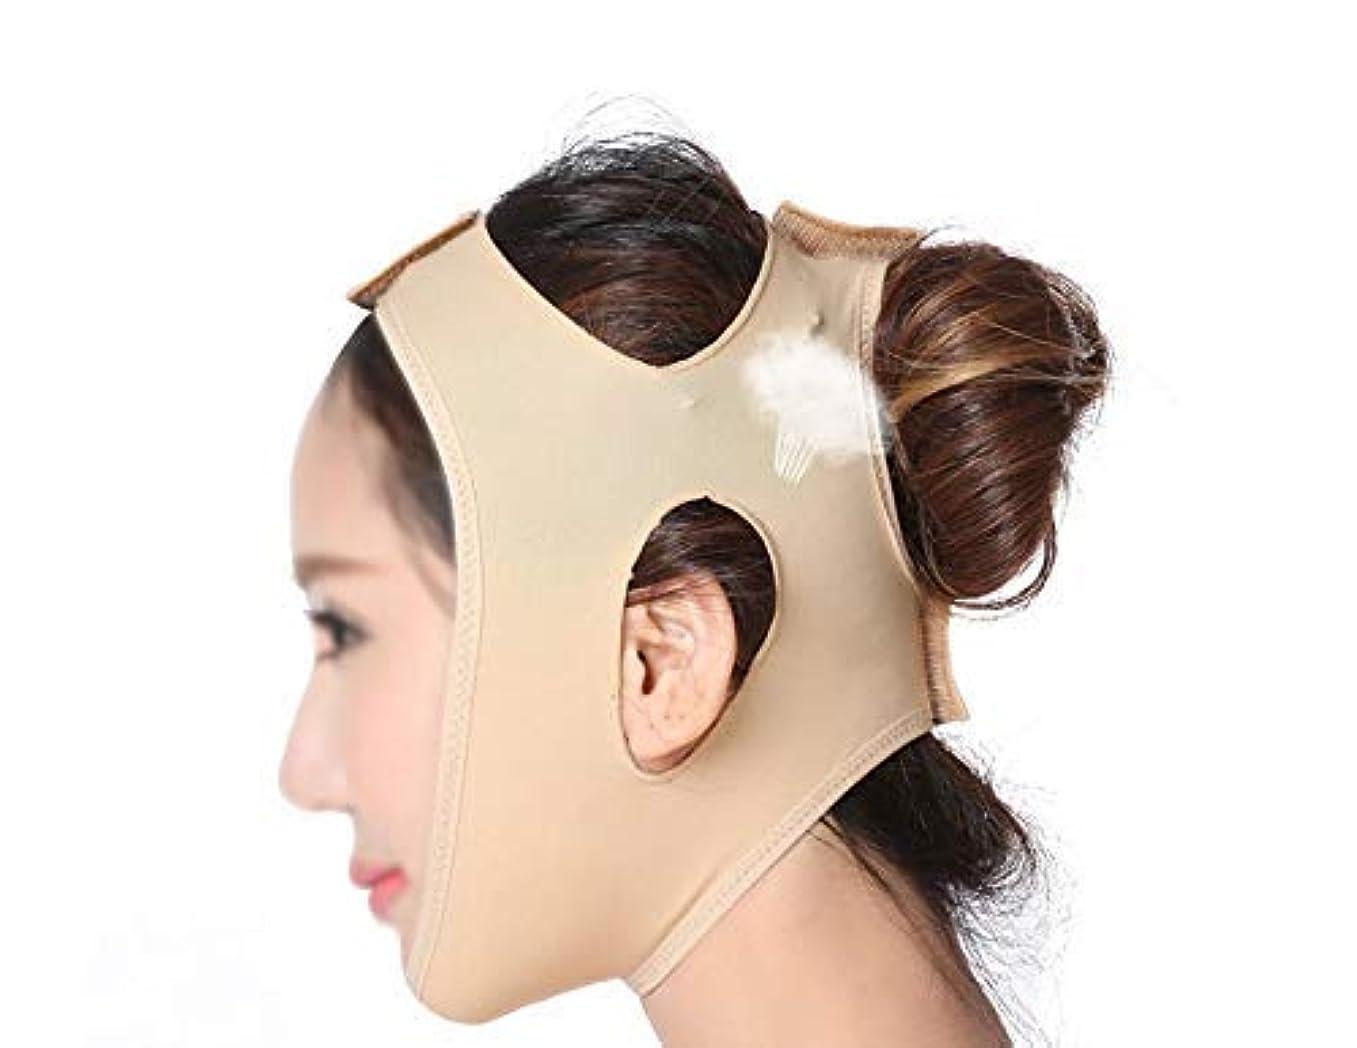 医学家庭教師悲劇引き締めフェイスマスク、フェイシャルマスク睡眠薄型フェイス包帯薄型フェイスマスクフェイスリフティングフェイスメロンフェイスVフェイスリフティング引き締めダブルチン美容ツール(サイズ:XL)